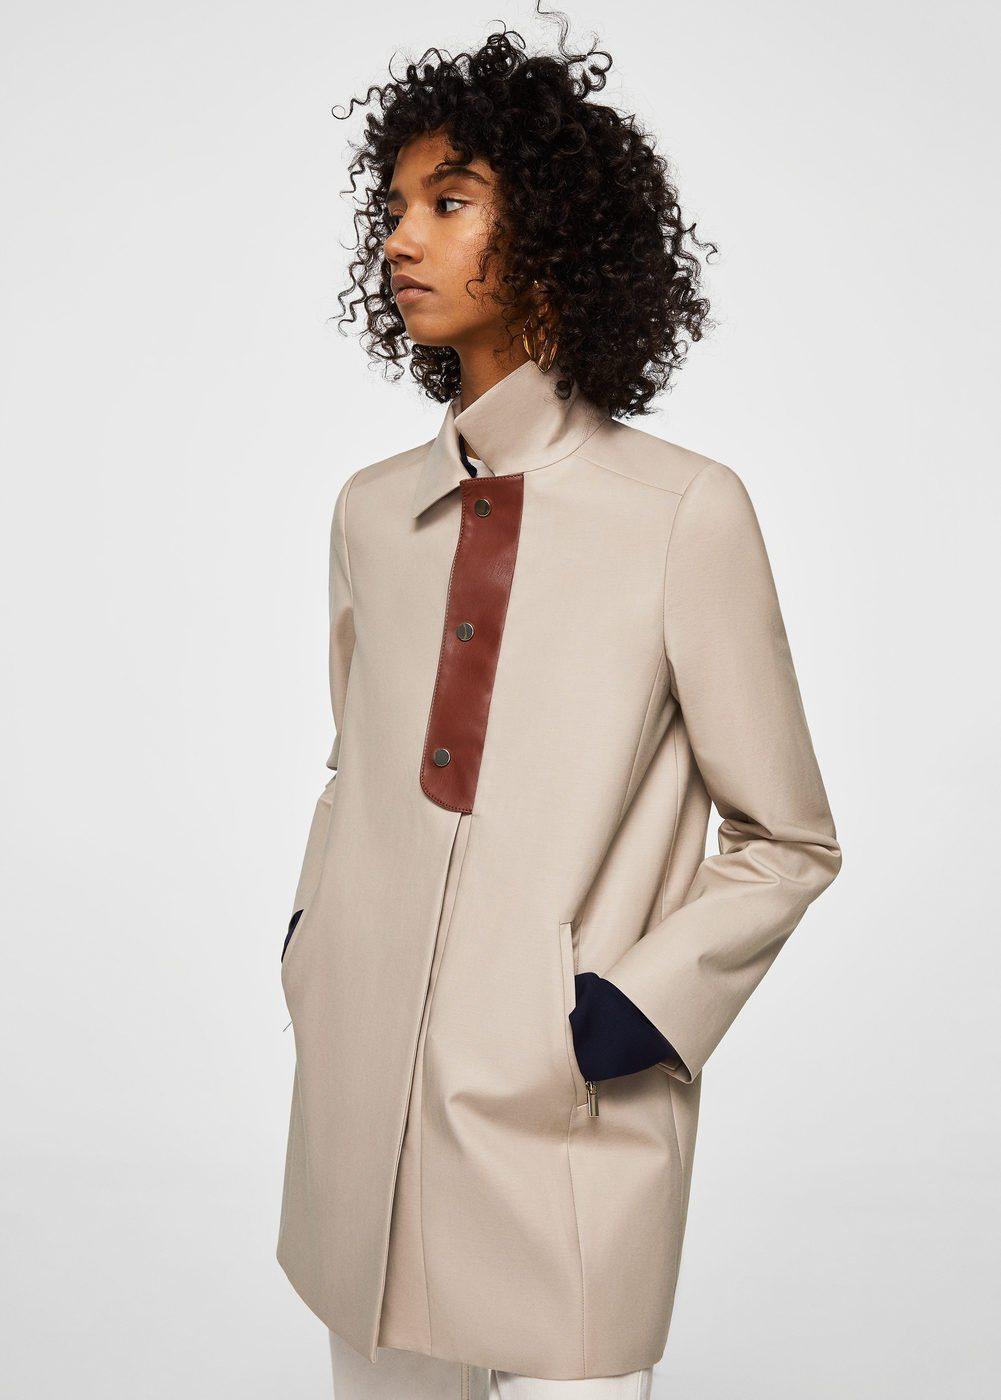 MANGO Trenchcoat aus Baumwolle mit Knöpfen | Bekleidung > Mäntel > Trenchcoats | MANGO